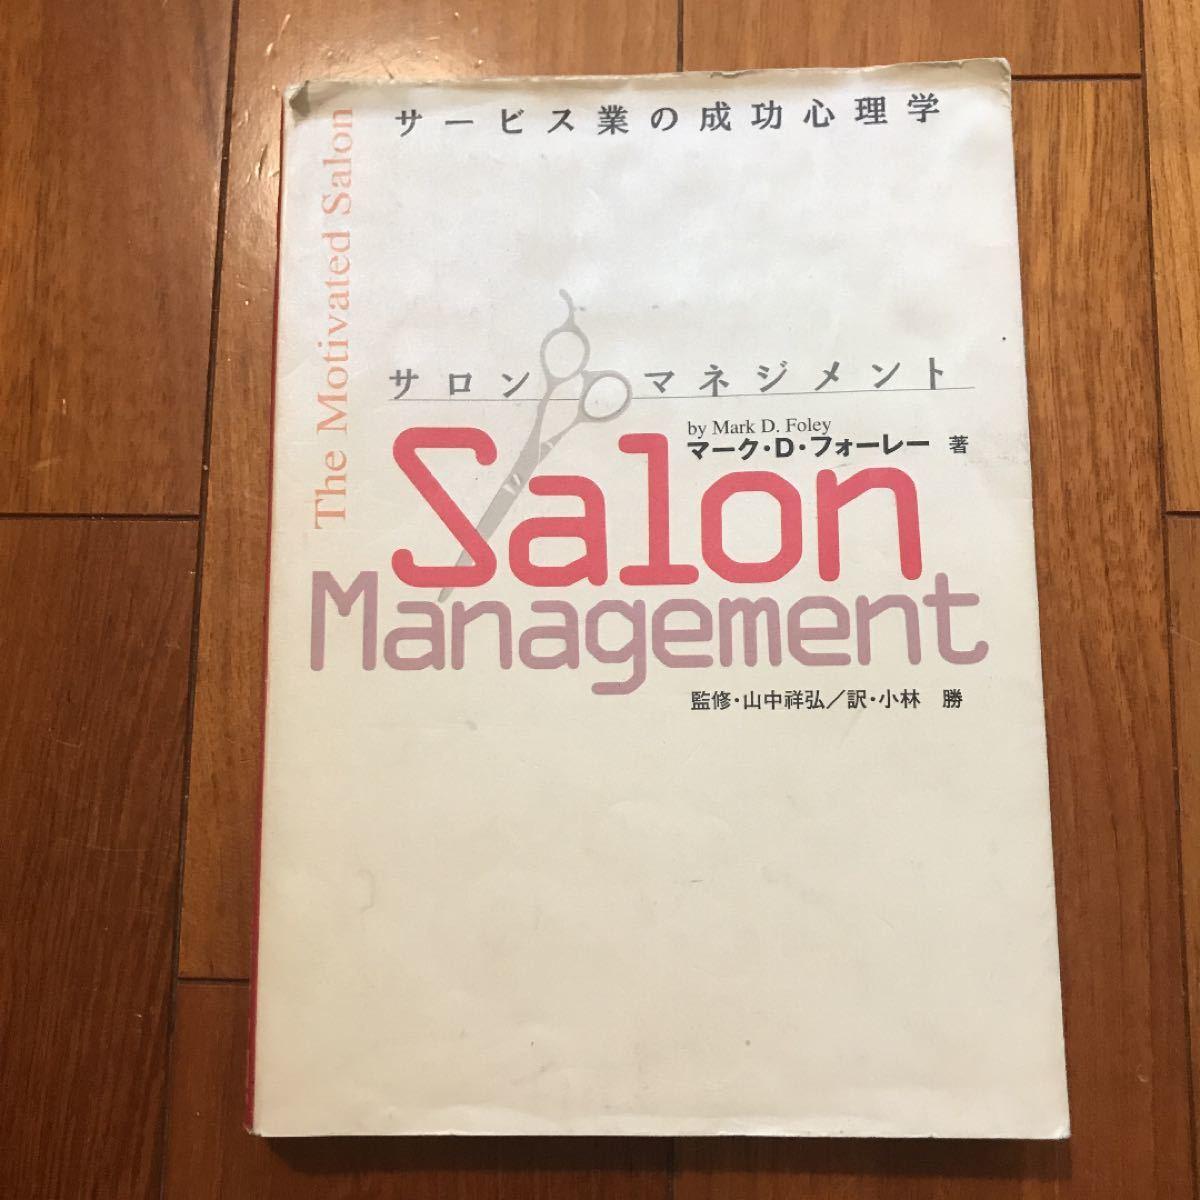 サロンマネジメント : 理美容サロンの成功の心理学